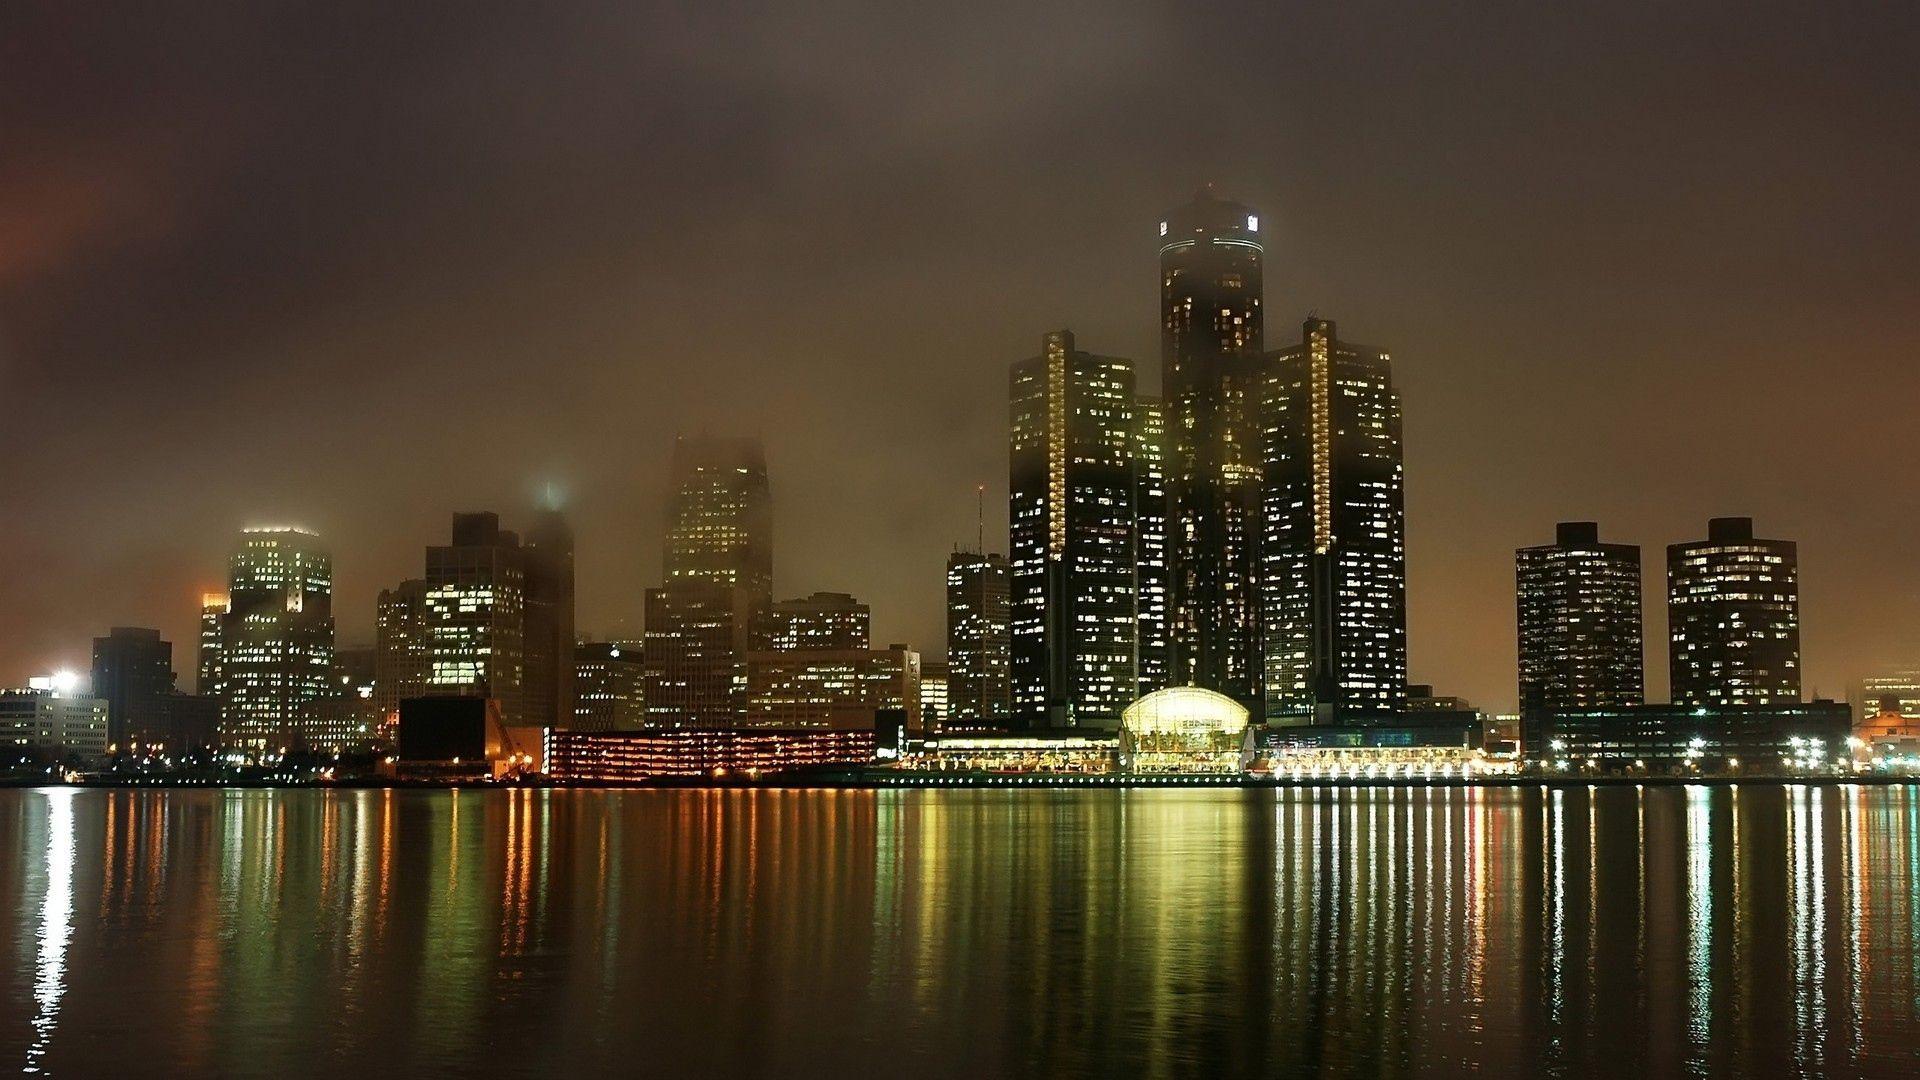 Download Wallpaper 1920x1080 Detroit Michigan Usa Sea Building Bright Full Hd 1080p Hd Background Pemandangan Kota Metropolis Lanskap